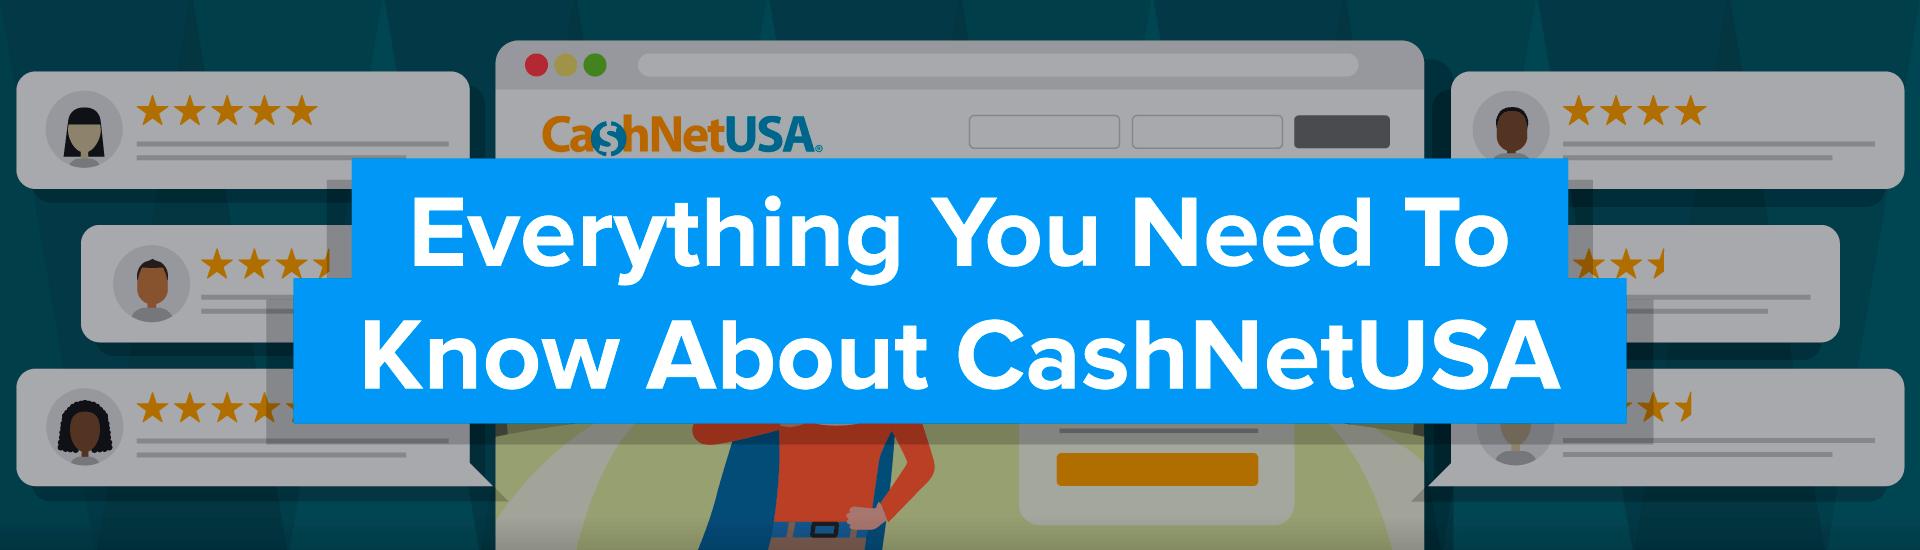 CashNetUSA intro header